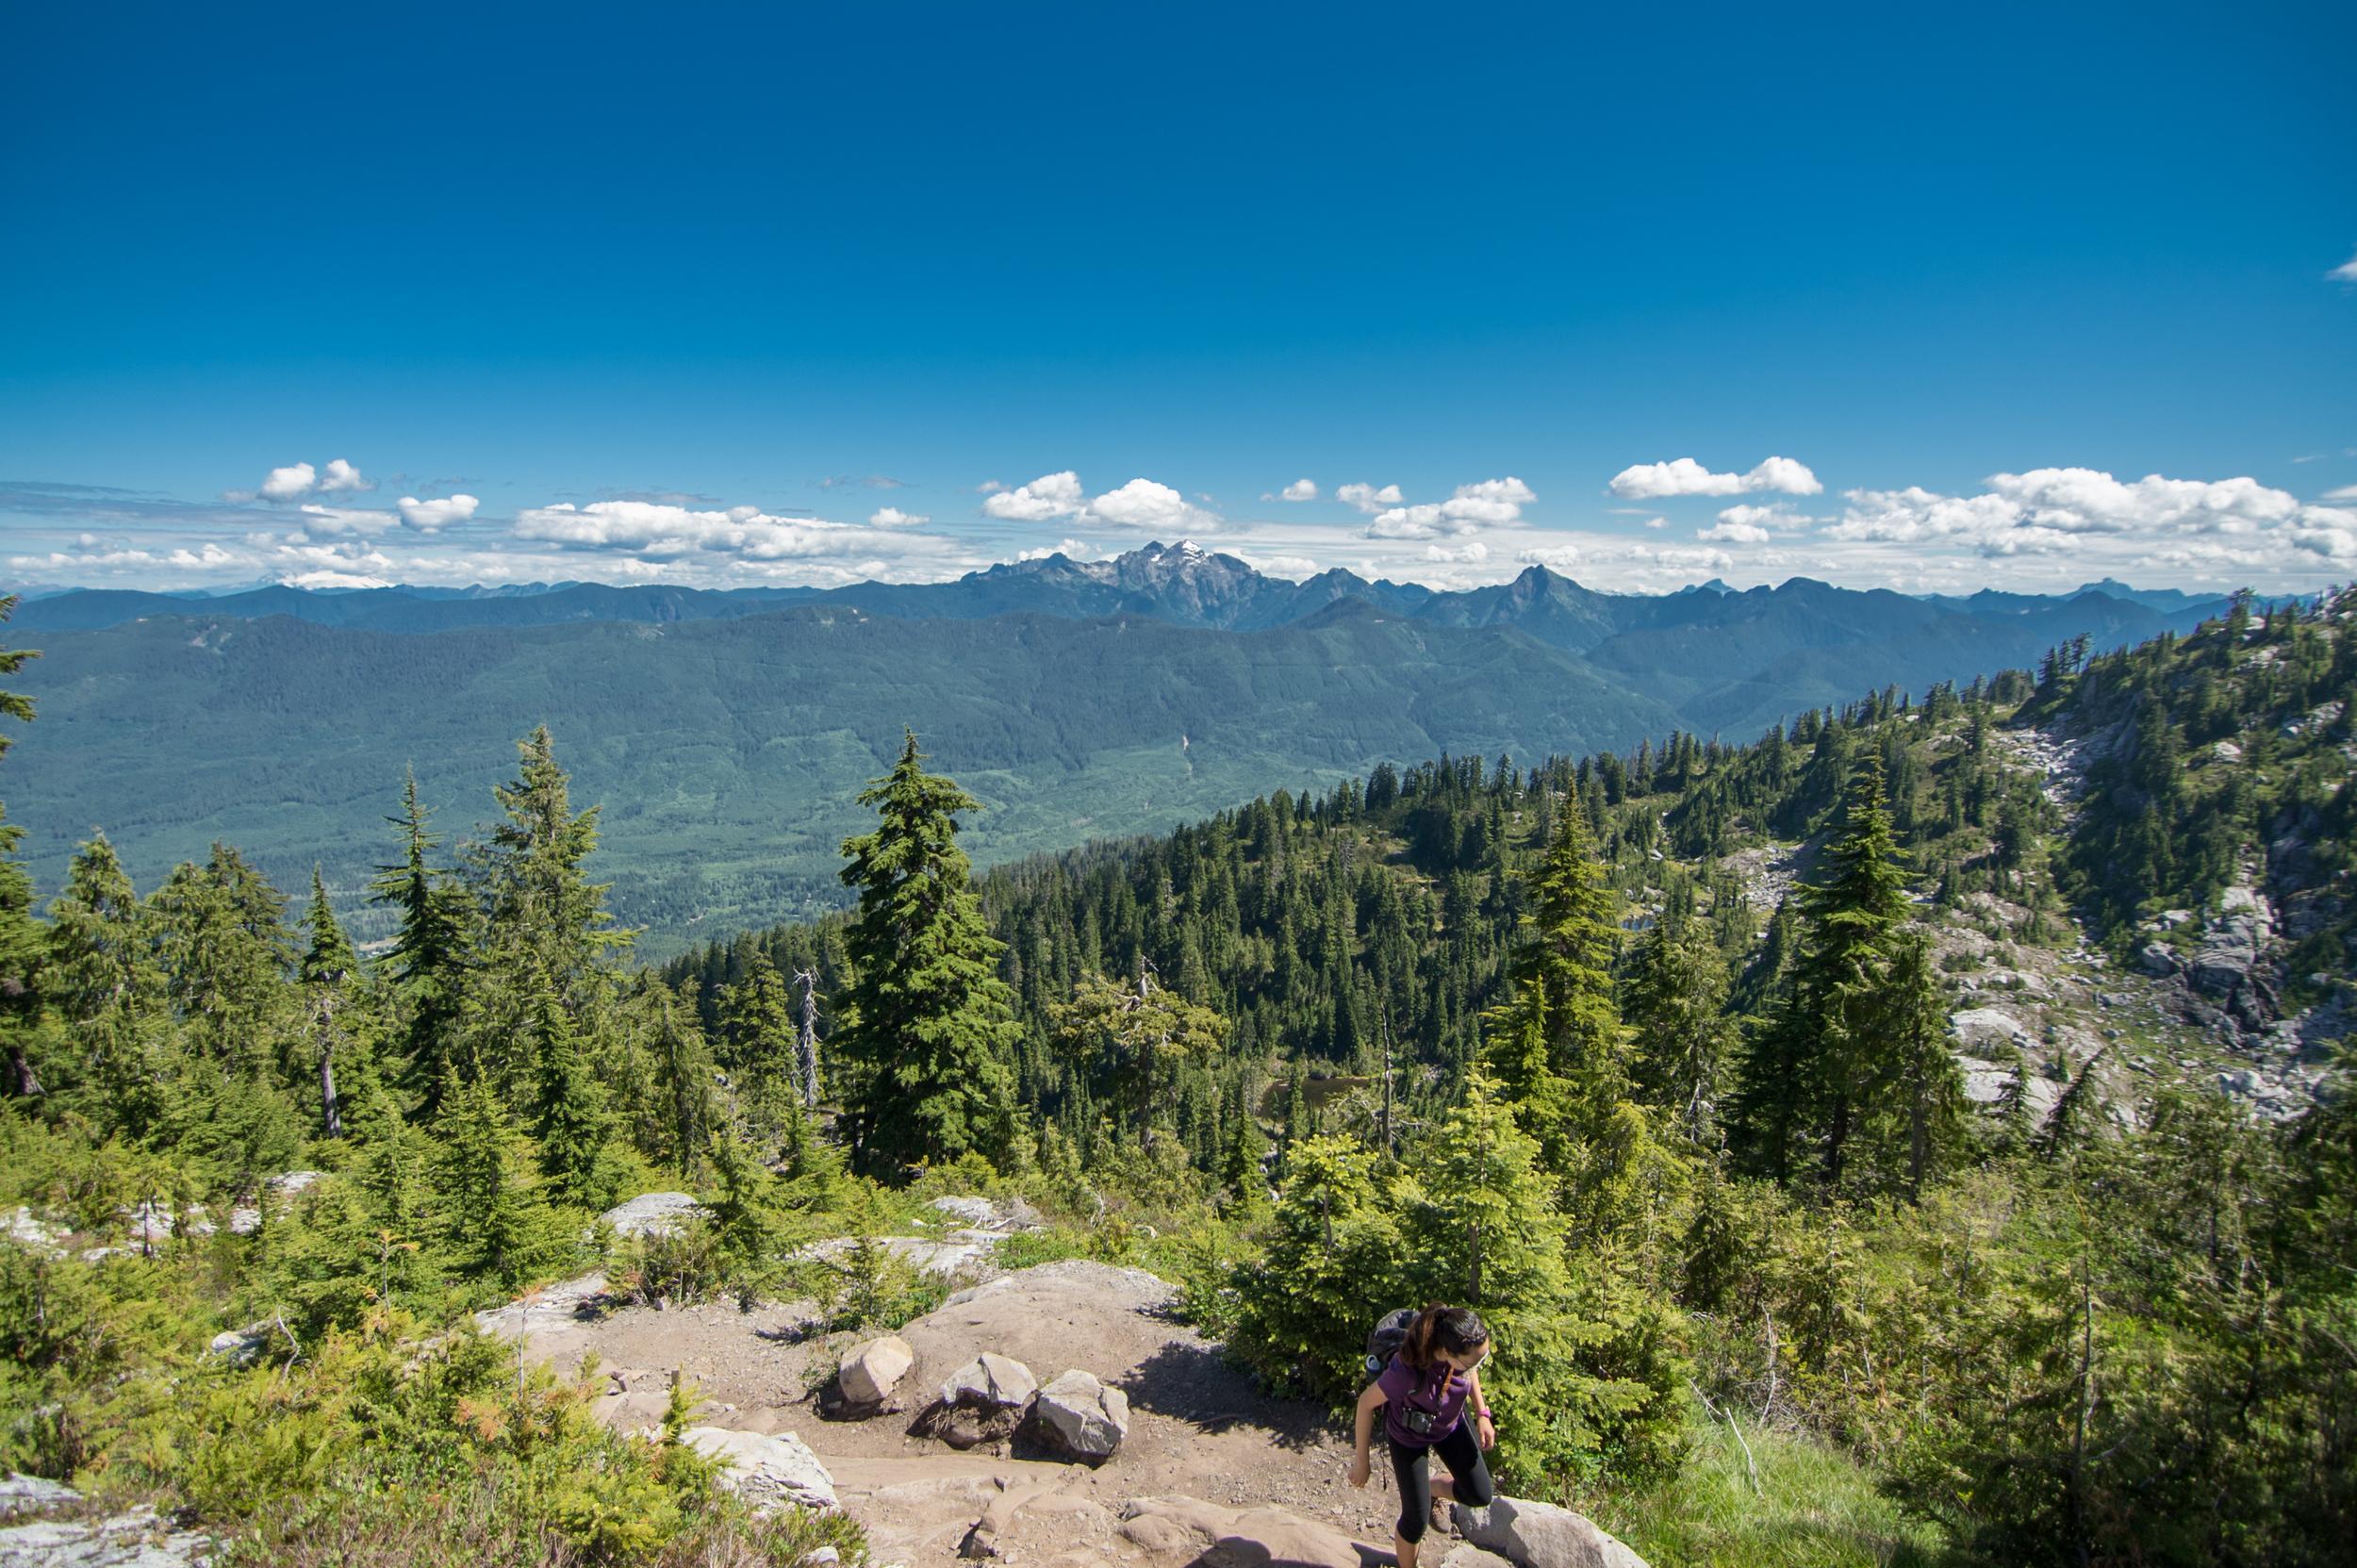 Mount_Pilchuck-14.jpg